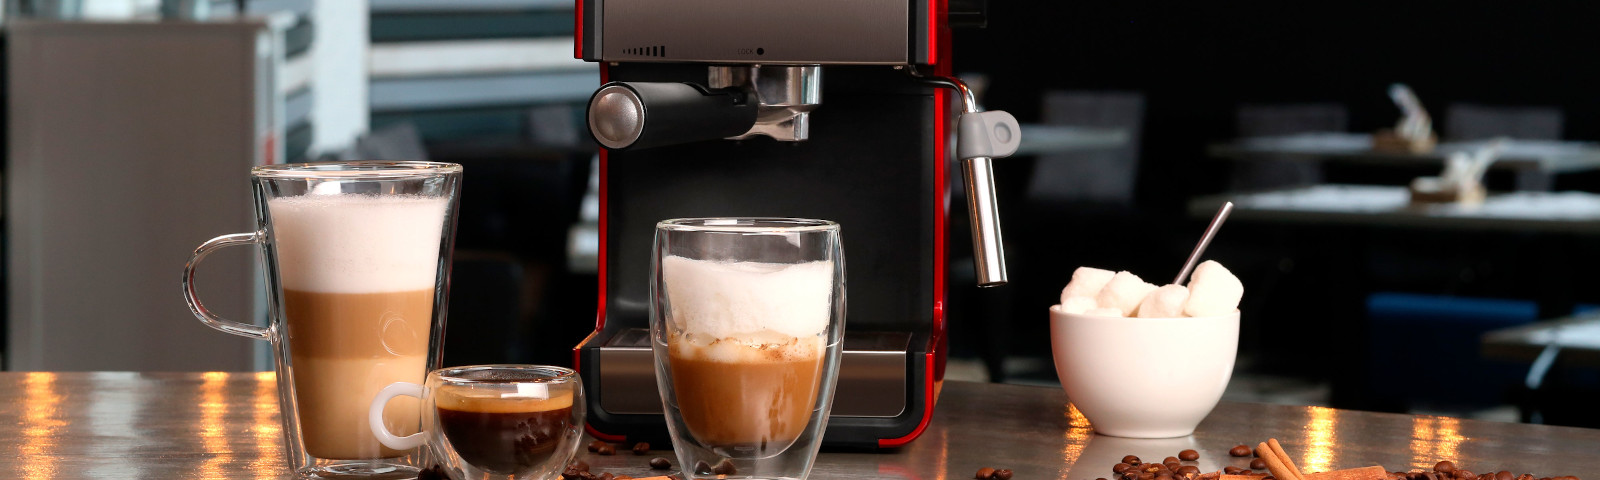 кофеварка электрическая фото